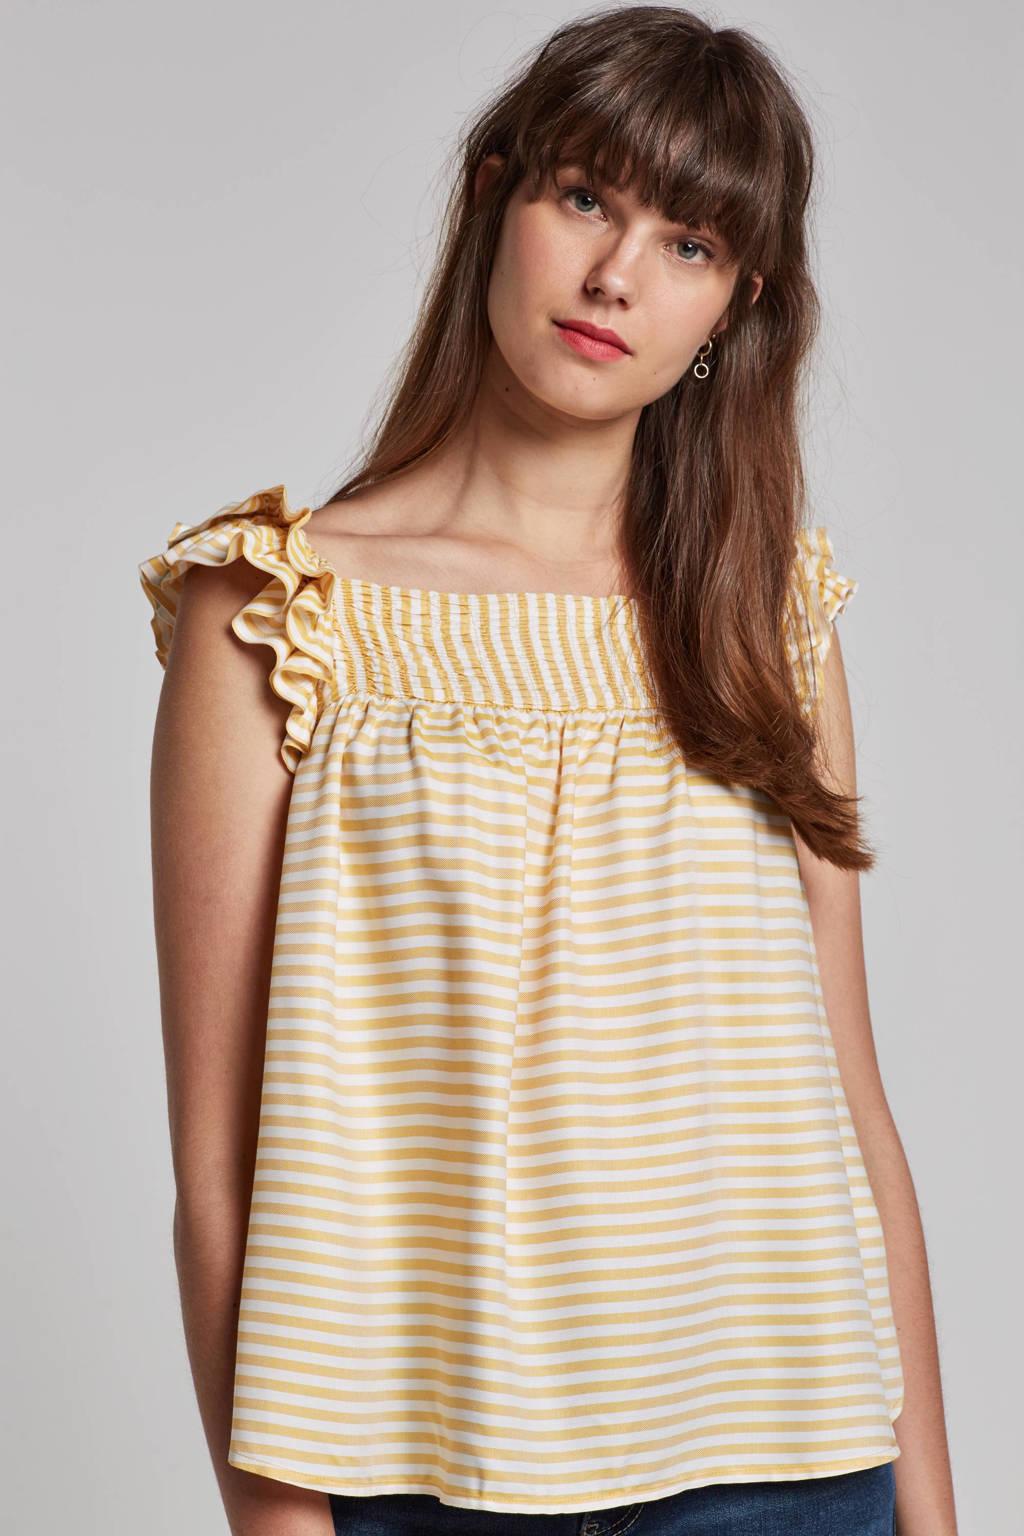 ESPRIT Women Casual top met ruches en strepen, Geel/wit